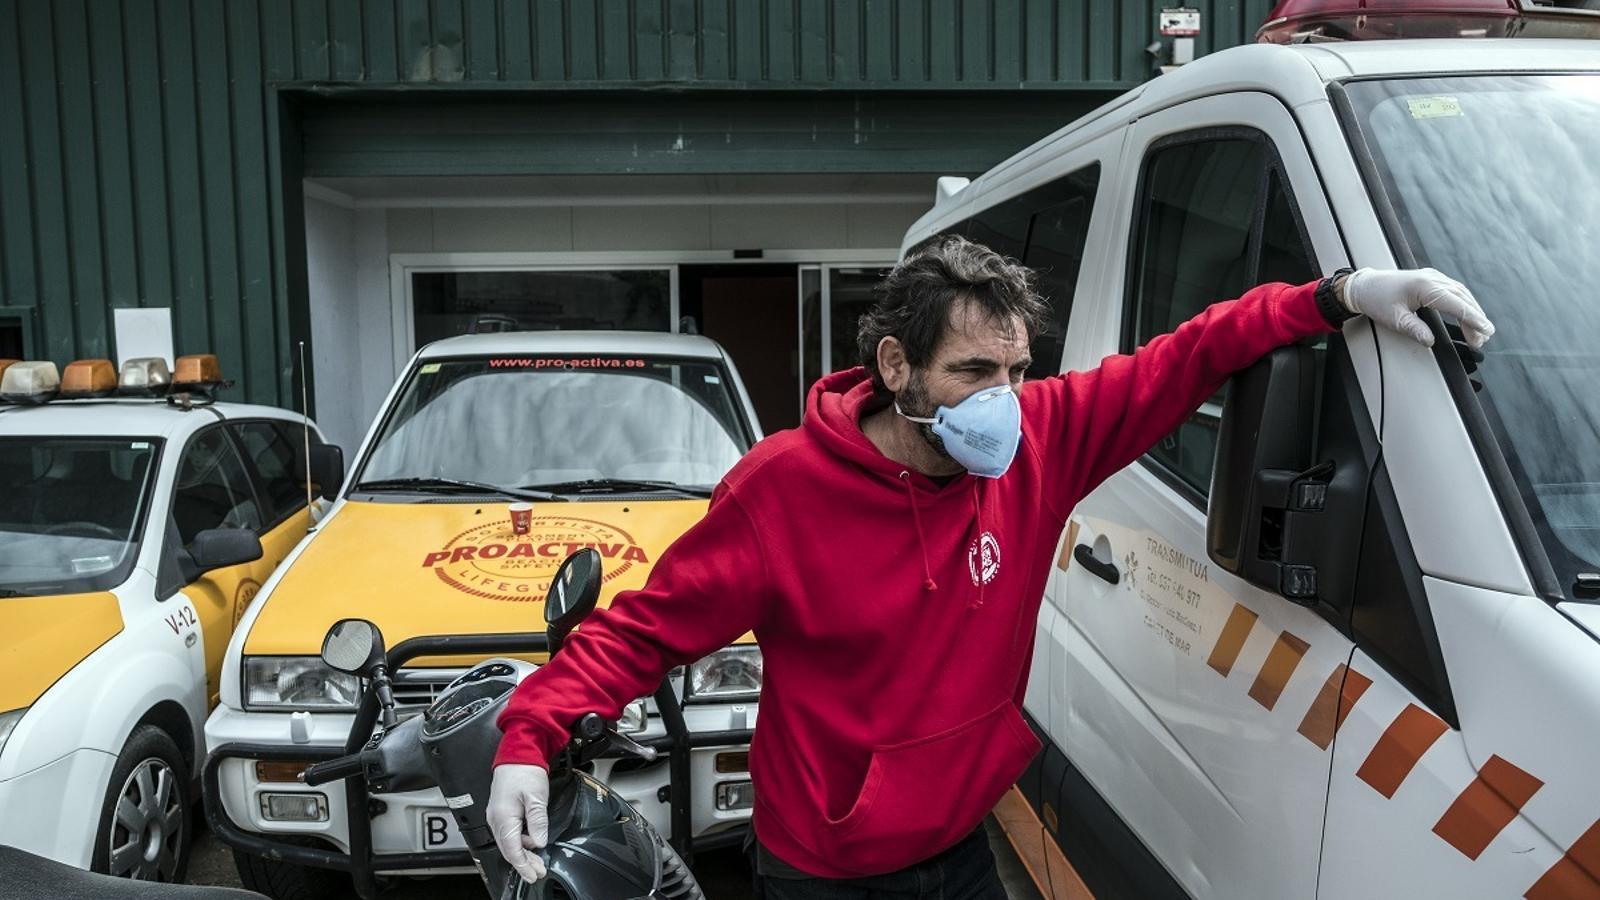 Voluntaris d'Open Arms, ajudant en l'assaig clínic per combatre el coronavirus